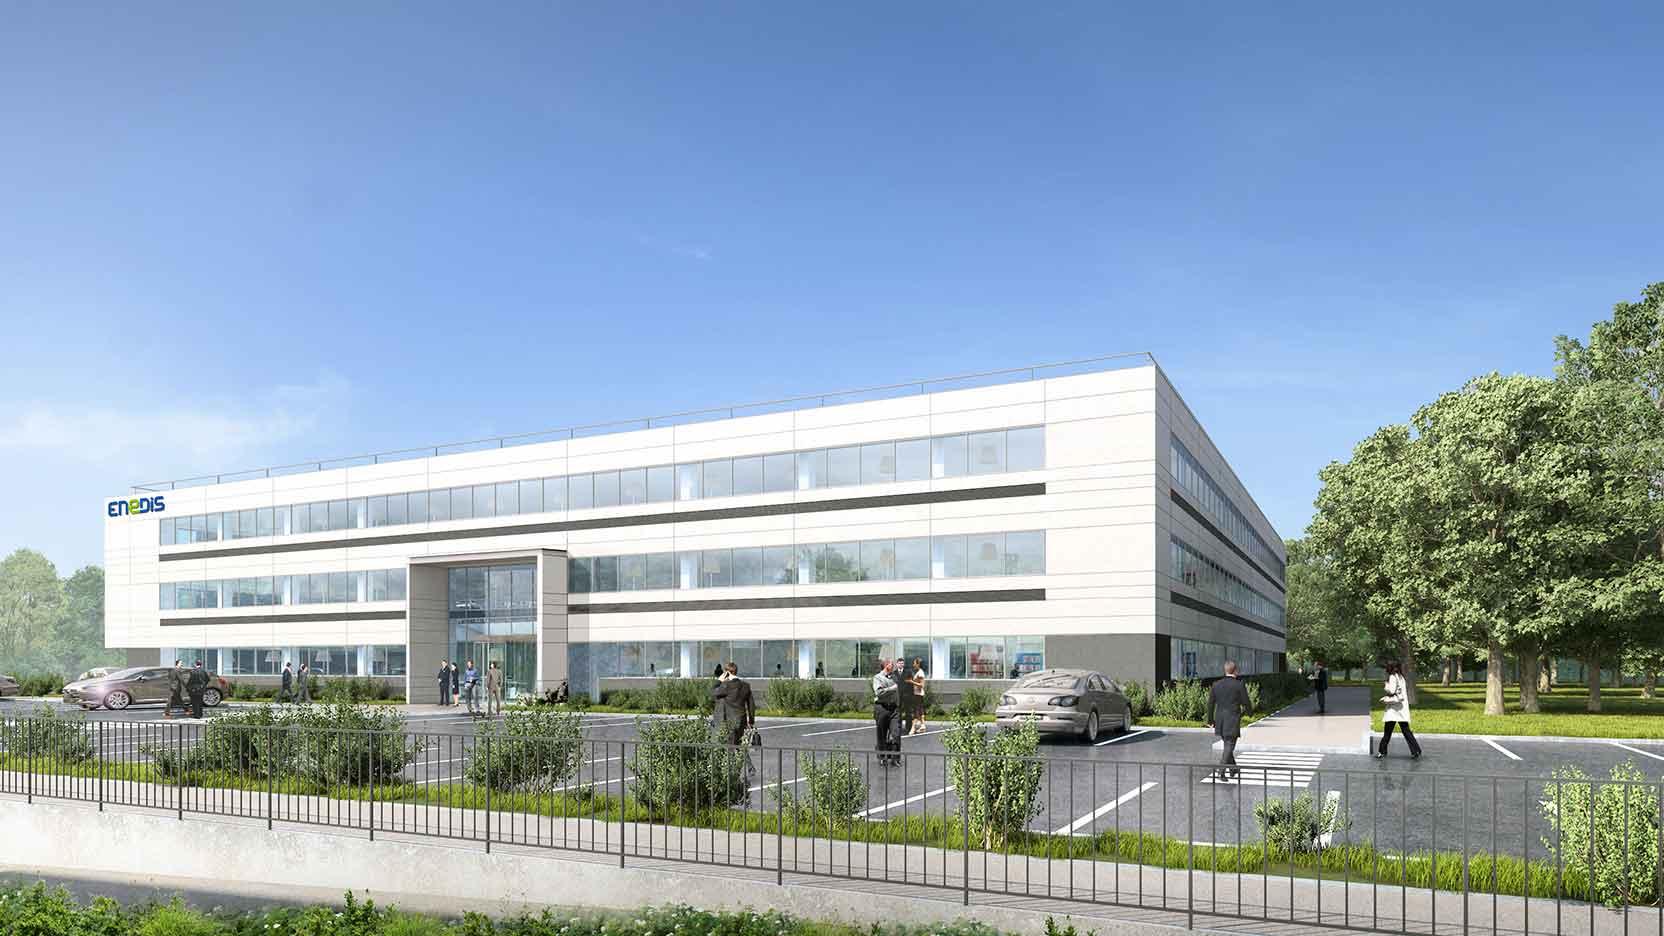 Le Groupe GA et Foncière des Régions posent la 1ère pierre du futur site régional d'Enedis à Reims (51)